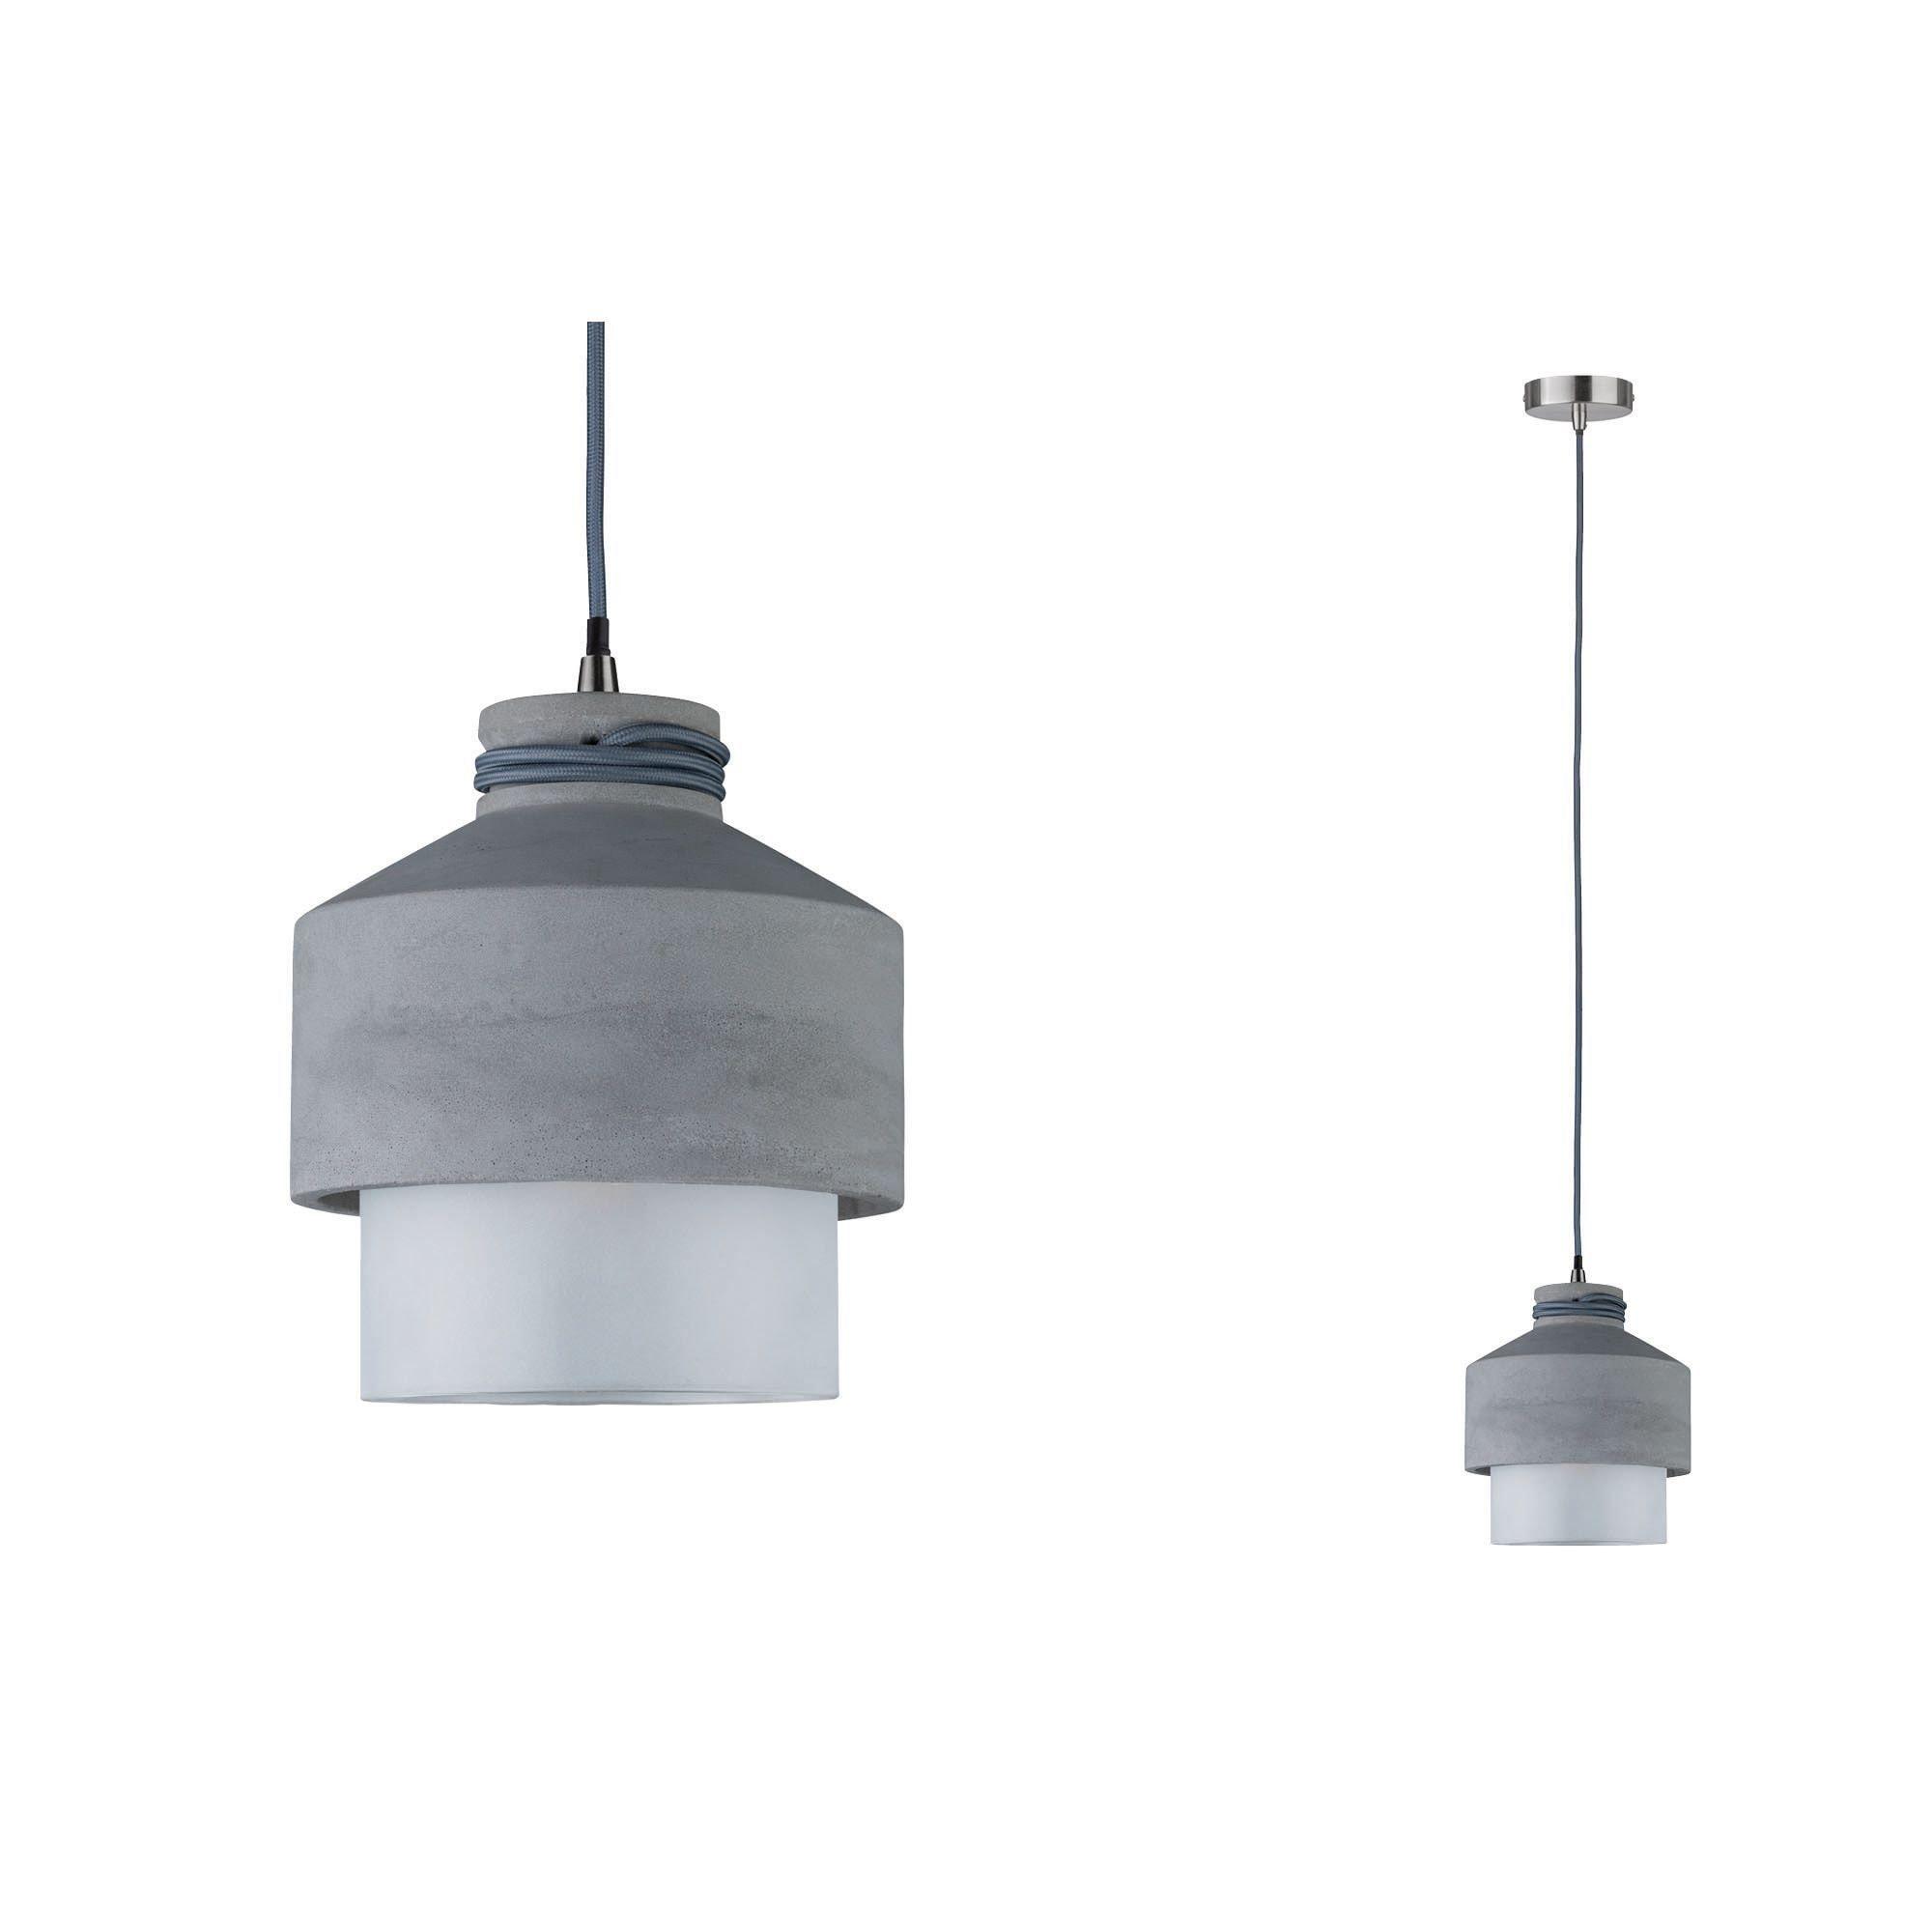 Paulmann LED Pendelleuchte Neordic Helin Glas/Beton, E27, 1 St.